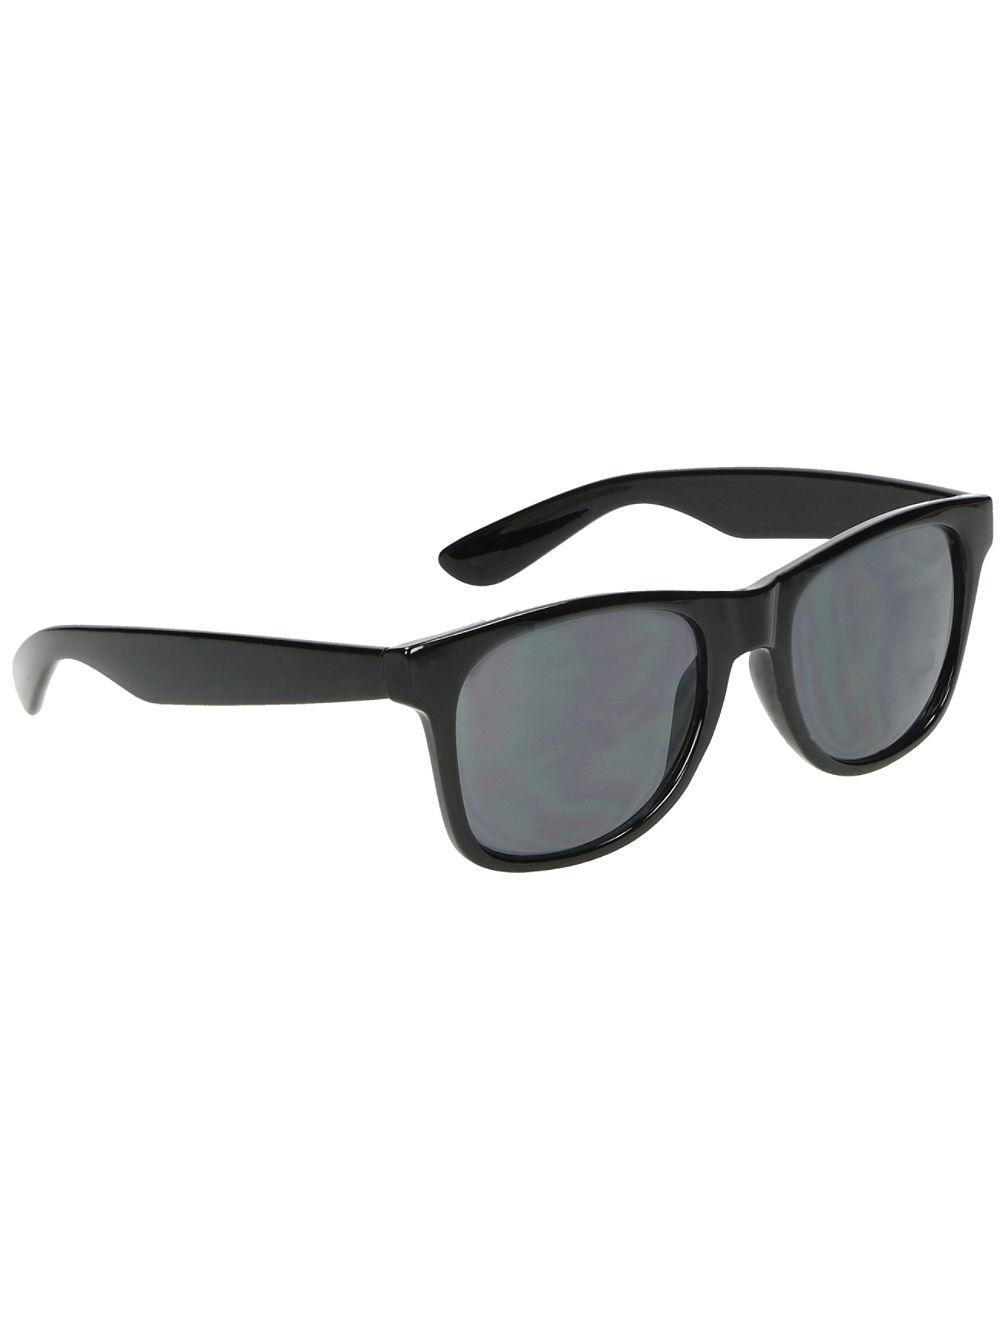 4c2996b76acf8c Vans Spicoli 4 Black Sonnenbrille online kaufen bei Blue Tomato